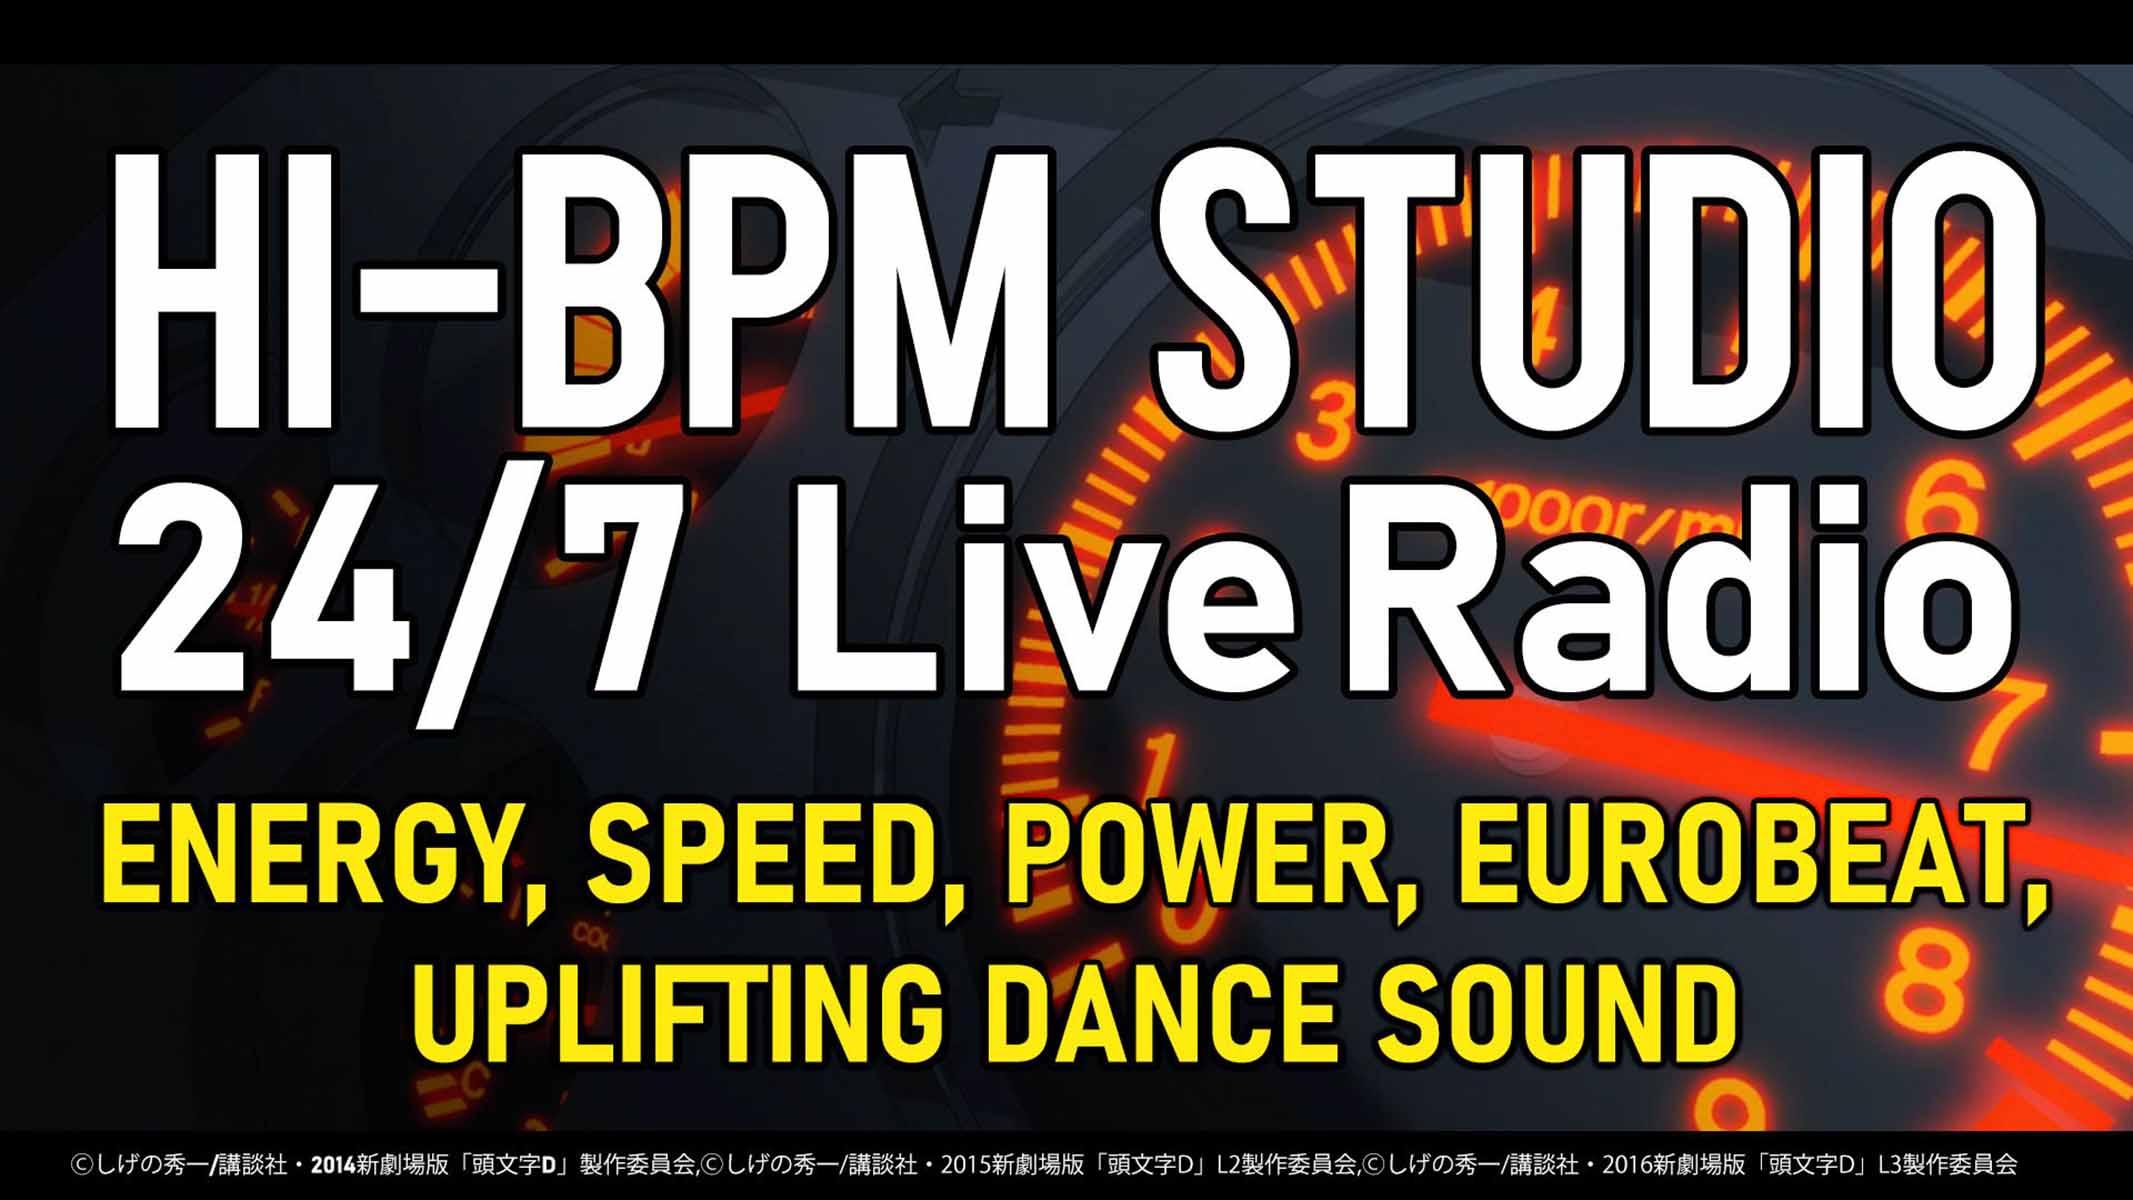 Se lanza un canal de música Eurobeat 24/7 en Youtube